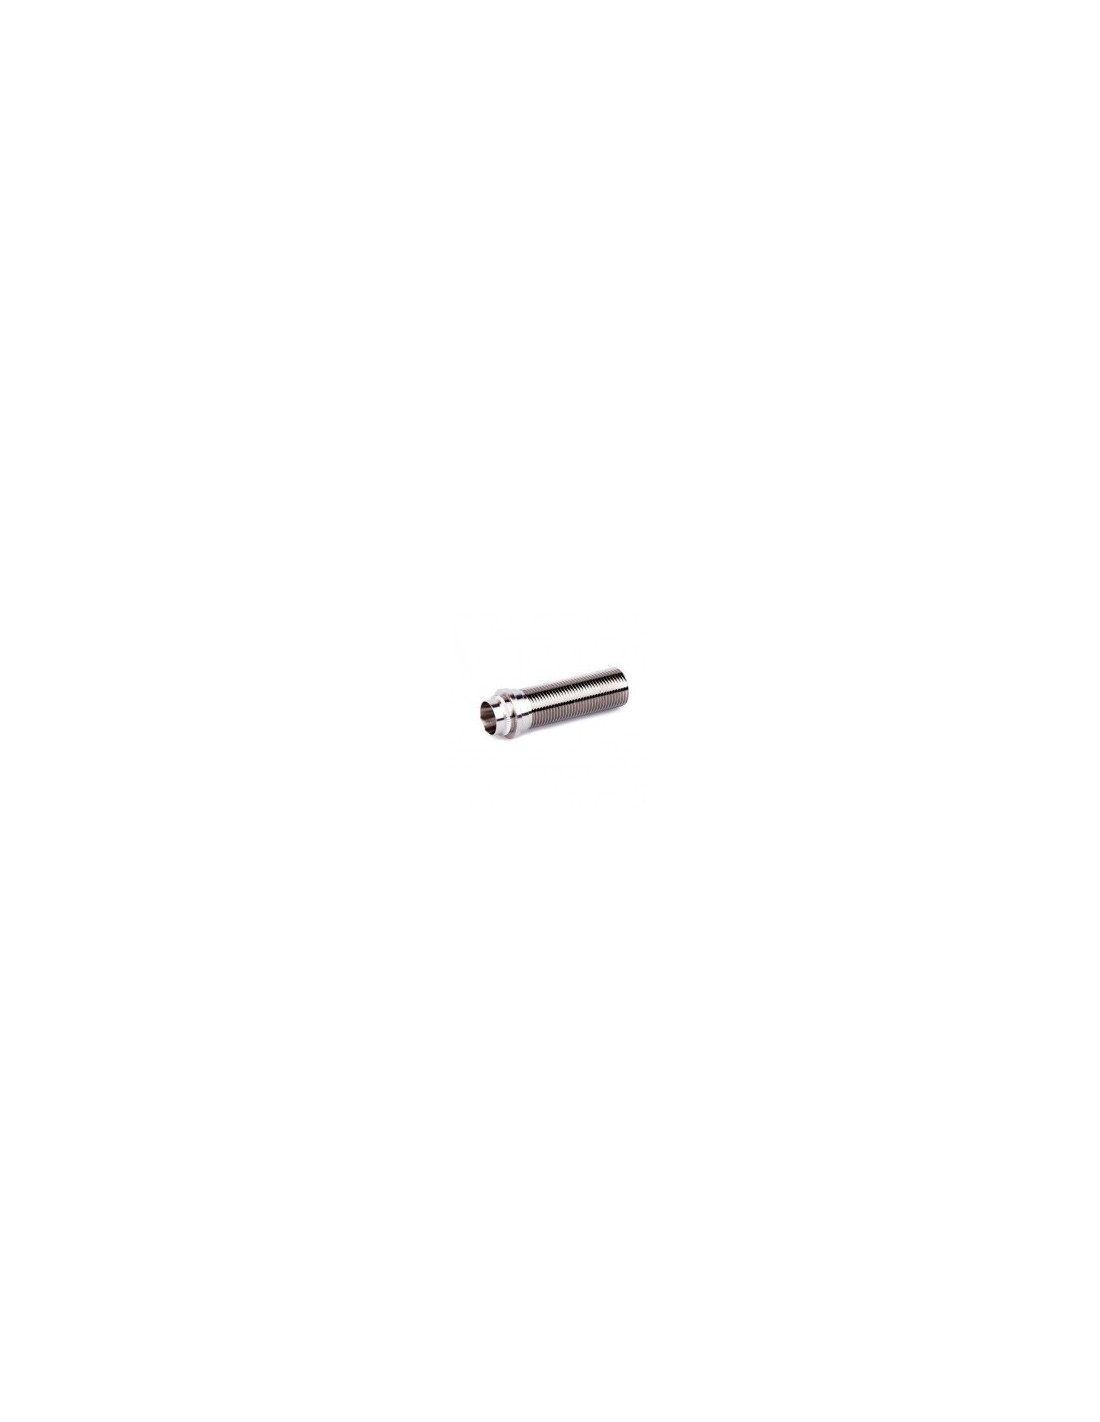 KOH02068 - Tillbehör - Bakstycke (shank) till tappkran 65 mm (15)